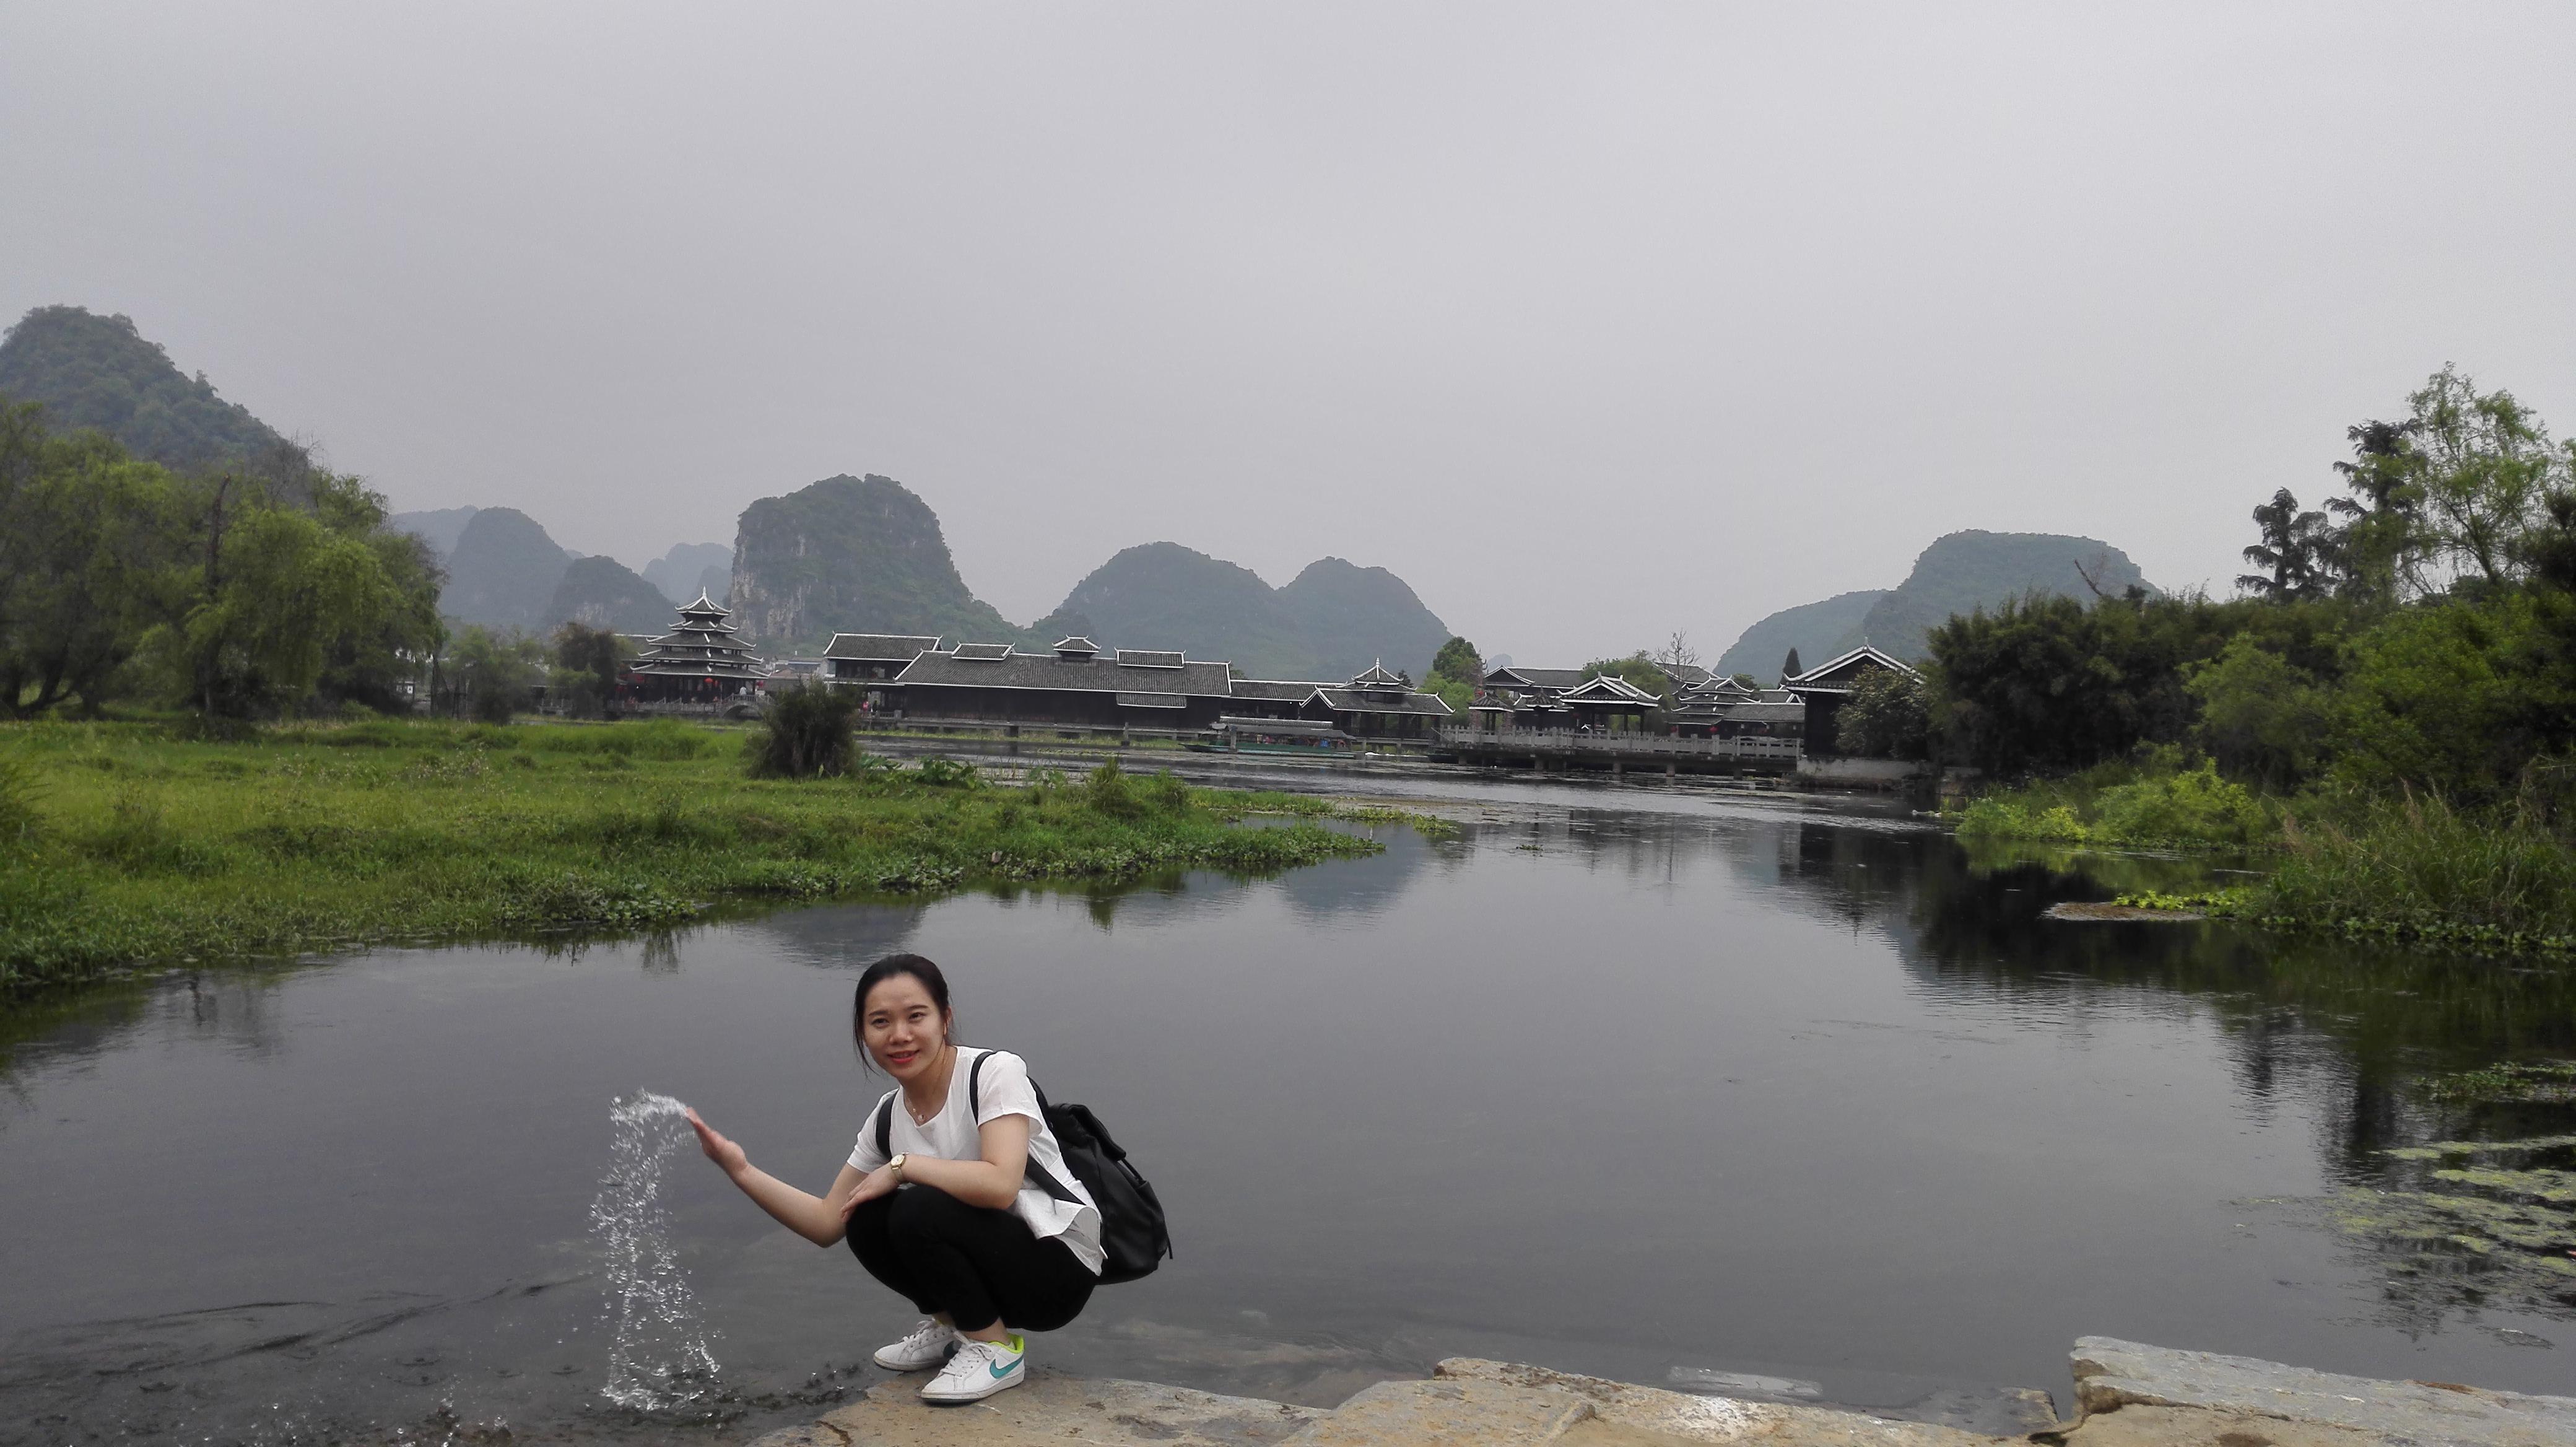 拍摄地点:桂林阳朔县   拍摄机型;荣耀6   拍摄时间:2015年4月6日